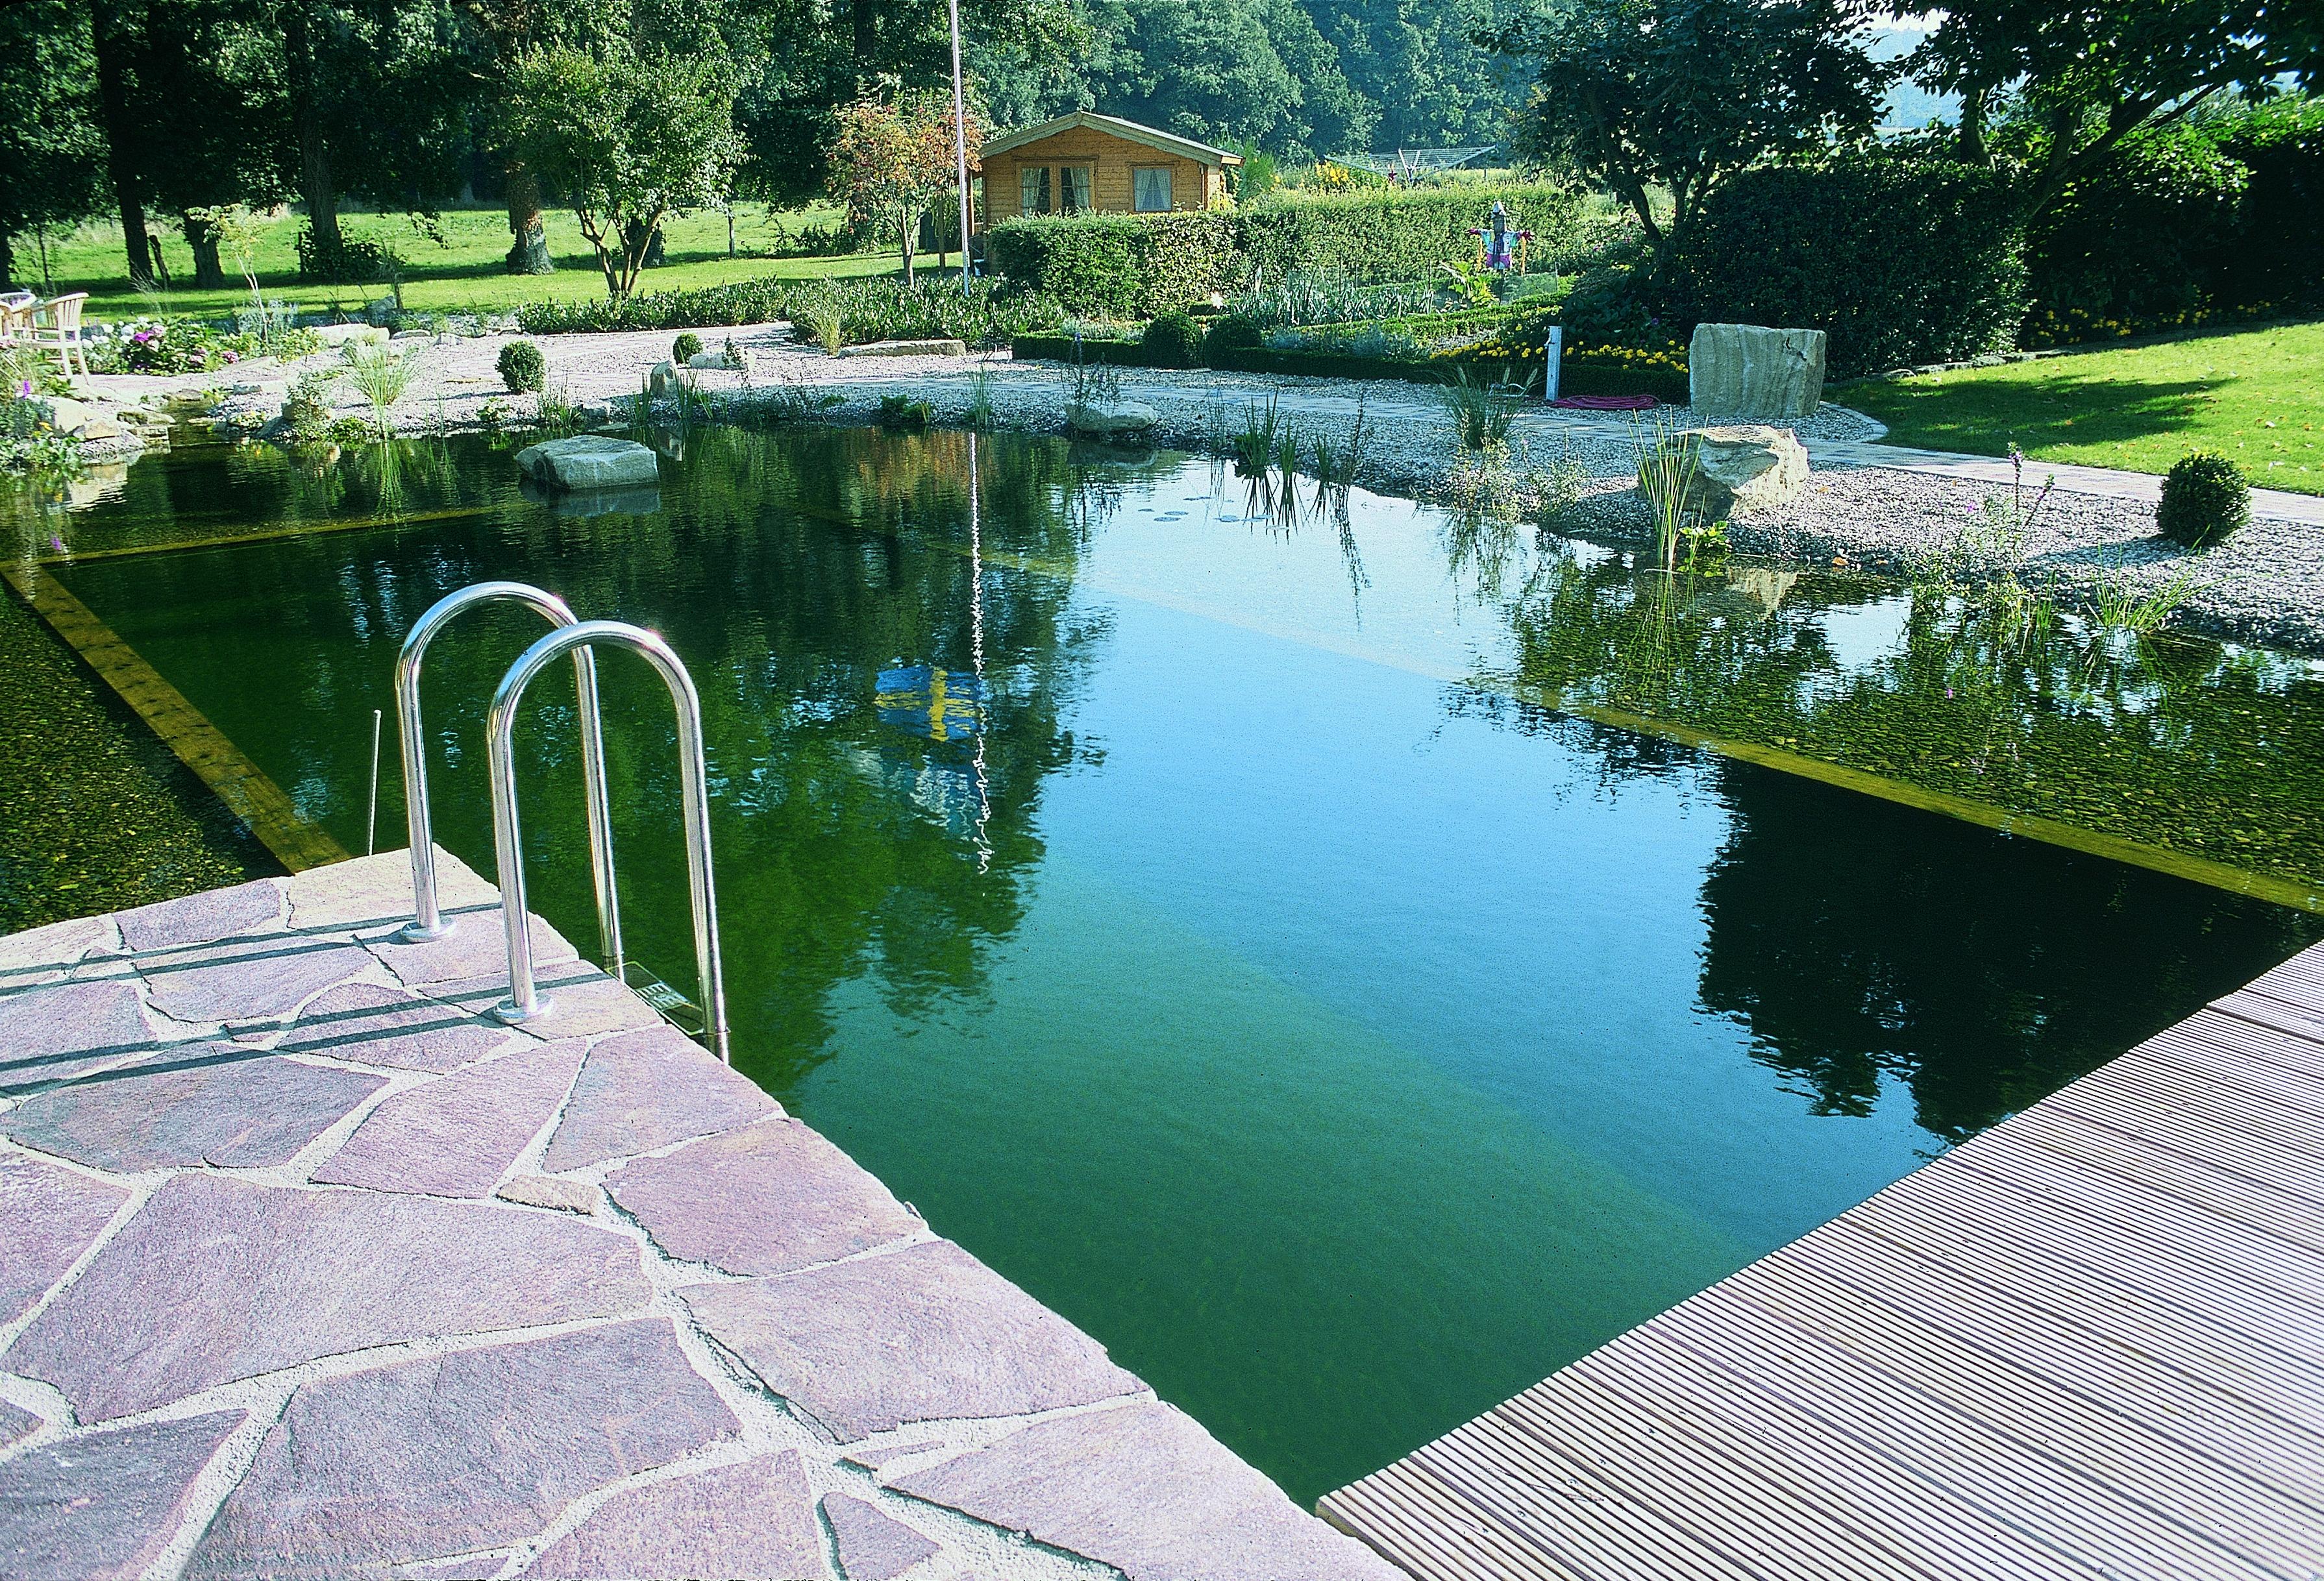 schwimmteich bauen leicht gemacht | oase-teichbau.de